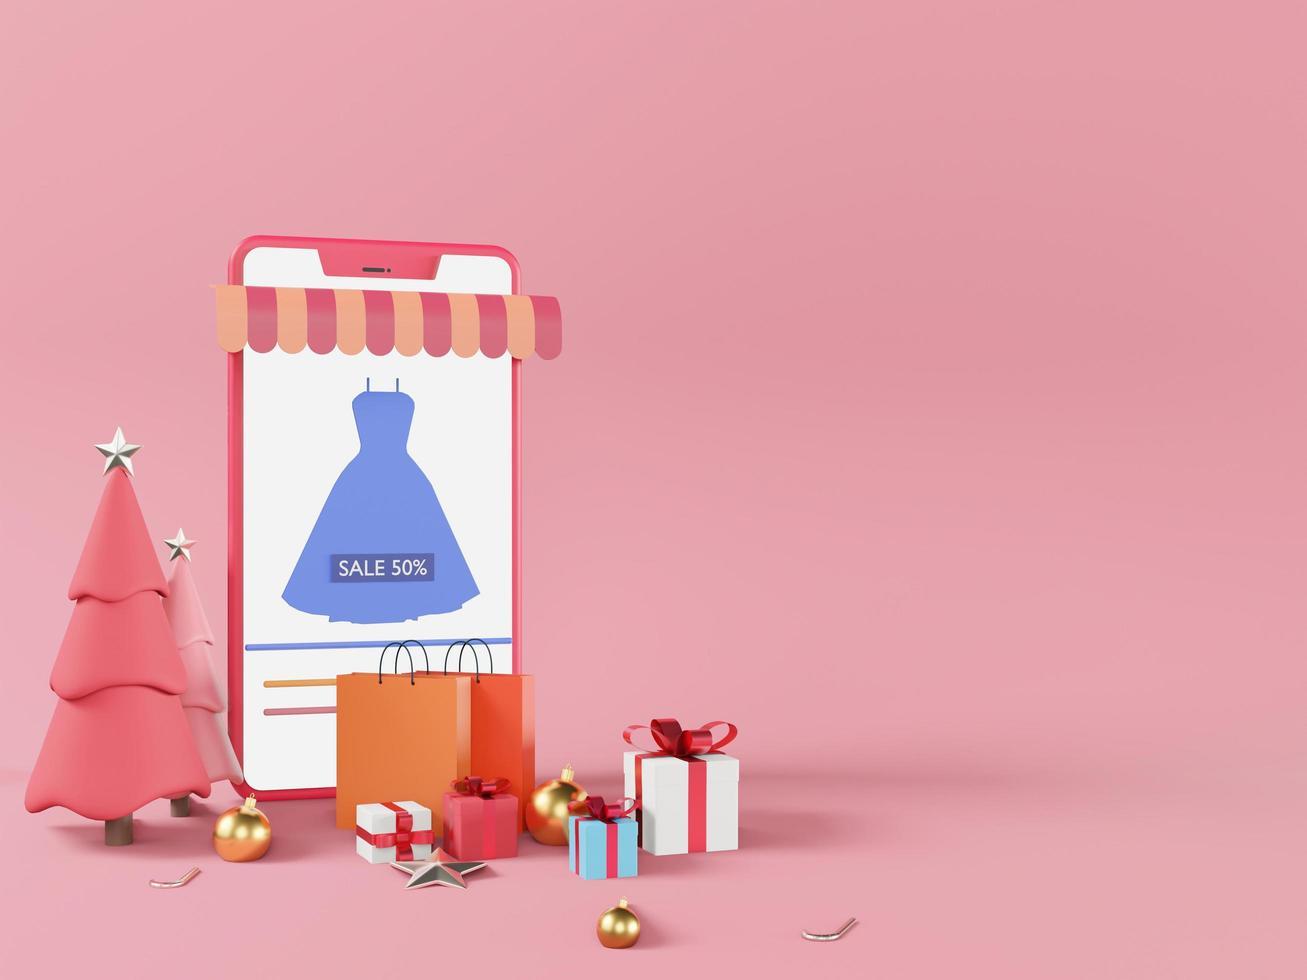 maquette de conception de commerce électronique sur fond rose photo